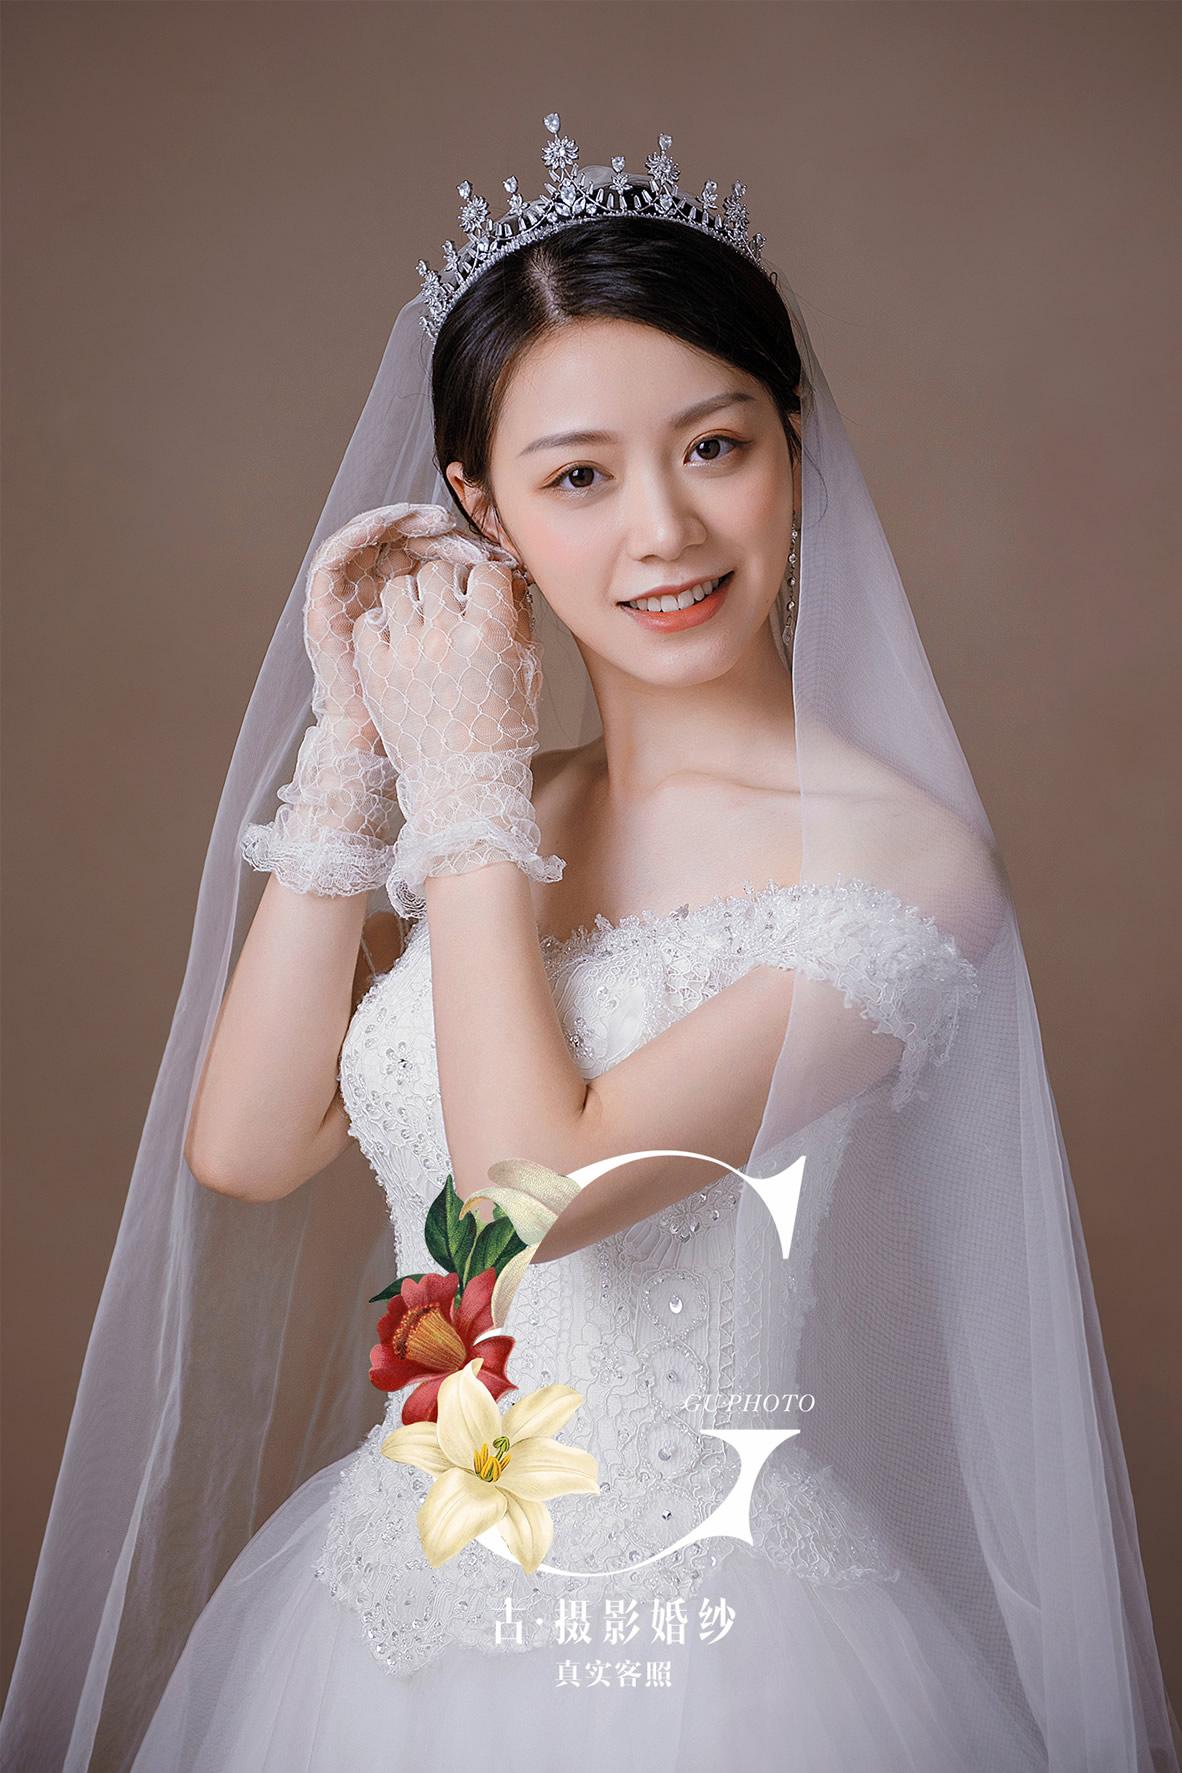 郭先生夫妇 - 每日客照 - 古摄影婚纱艺术-古摄影成都婚纱摄影艺术摄影网